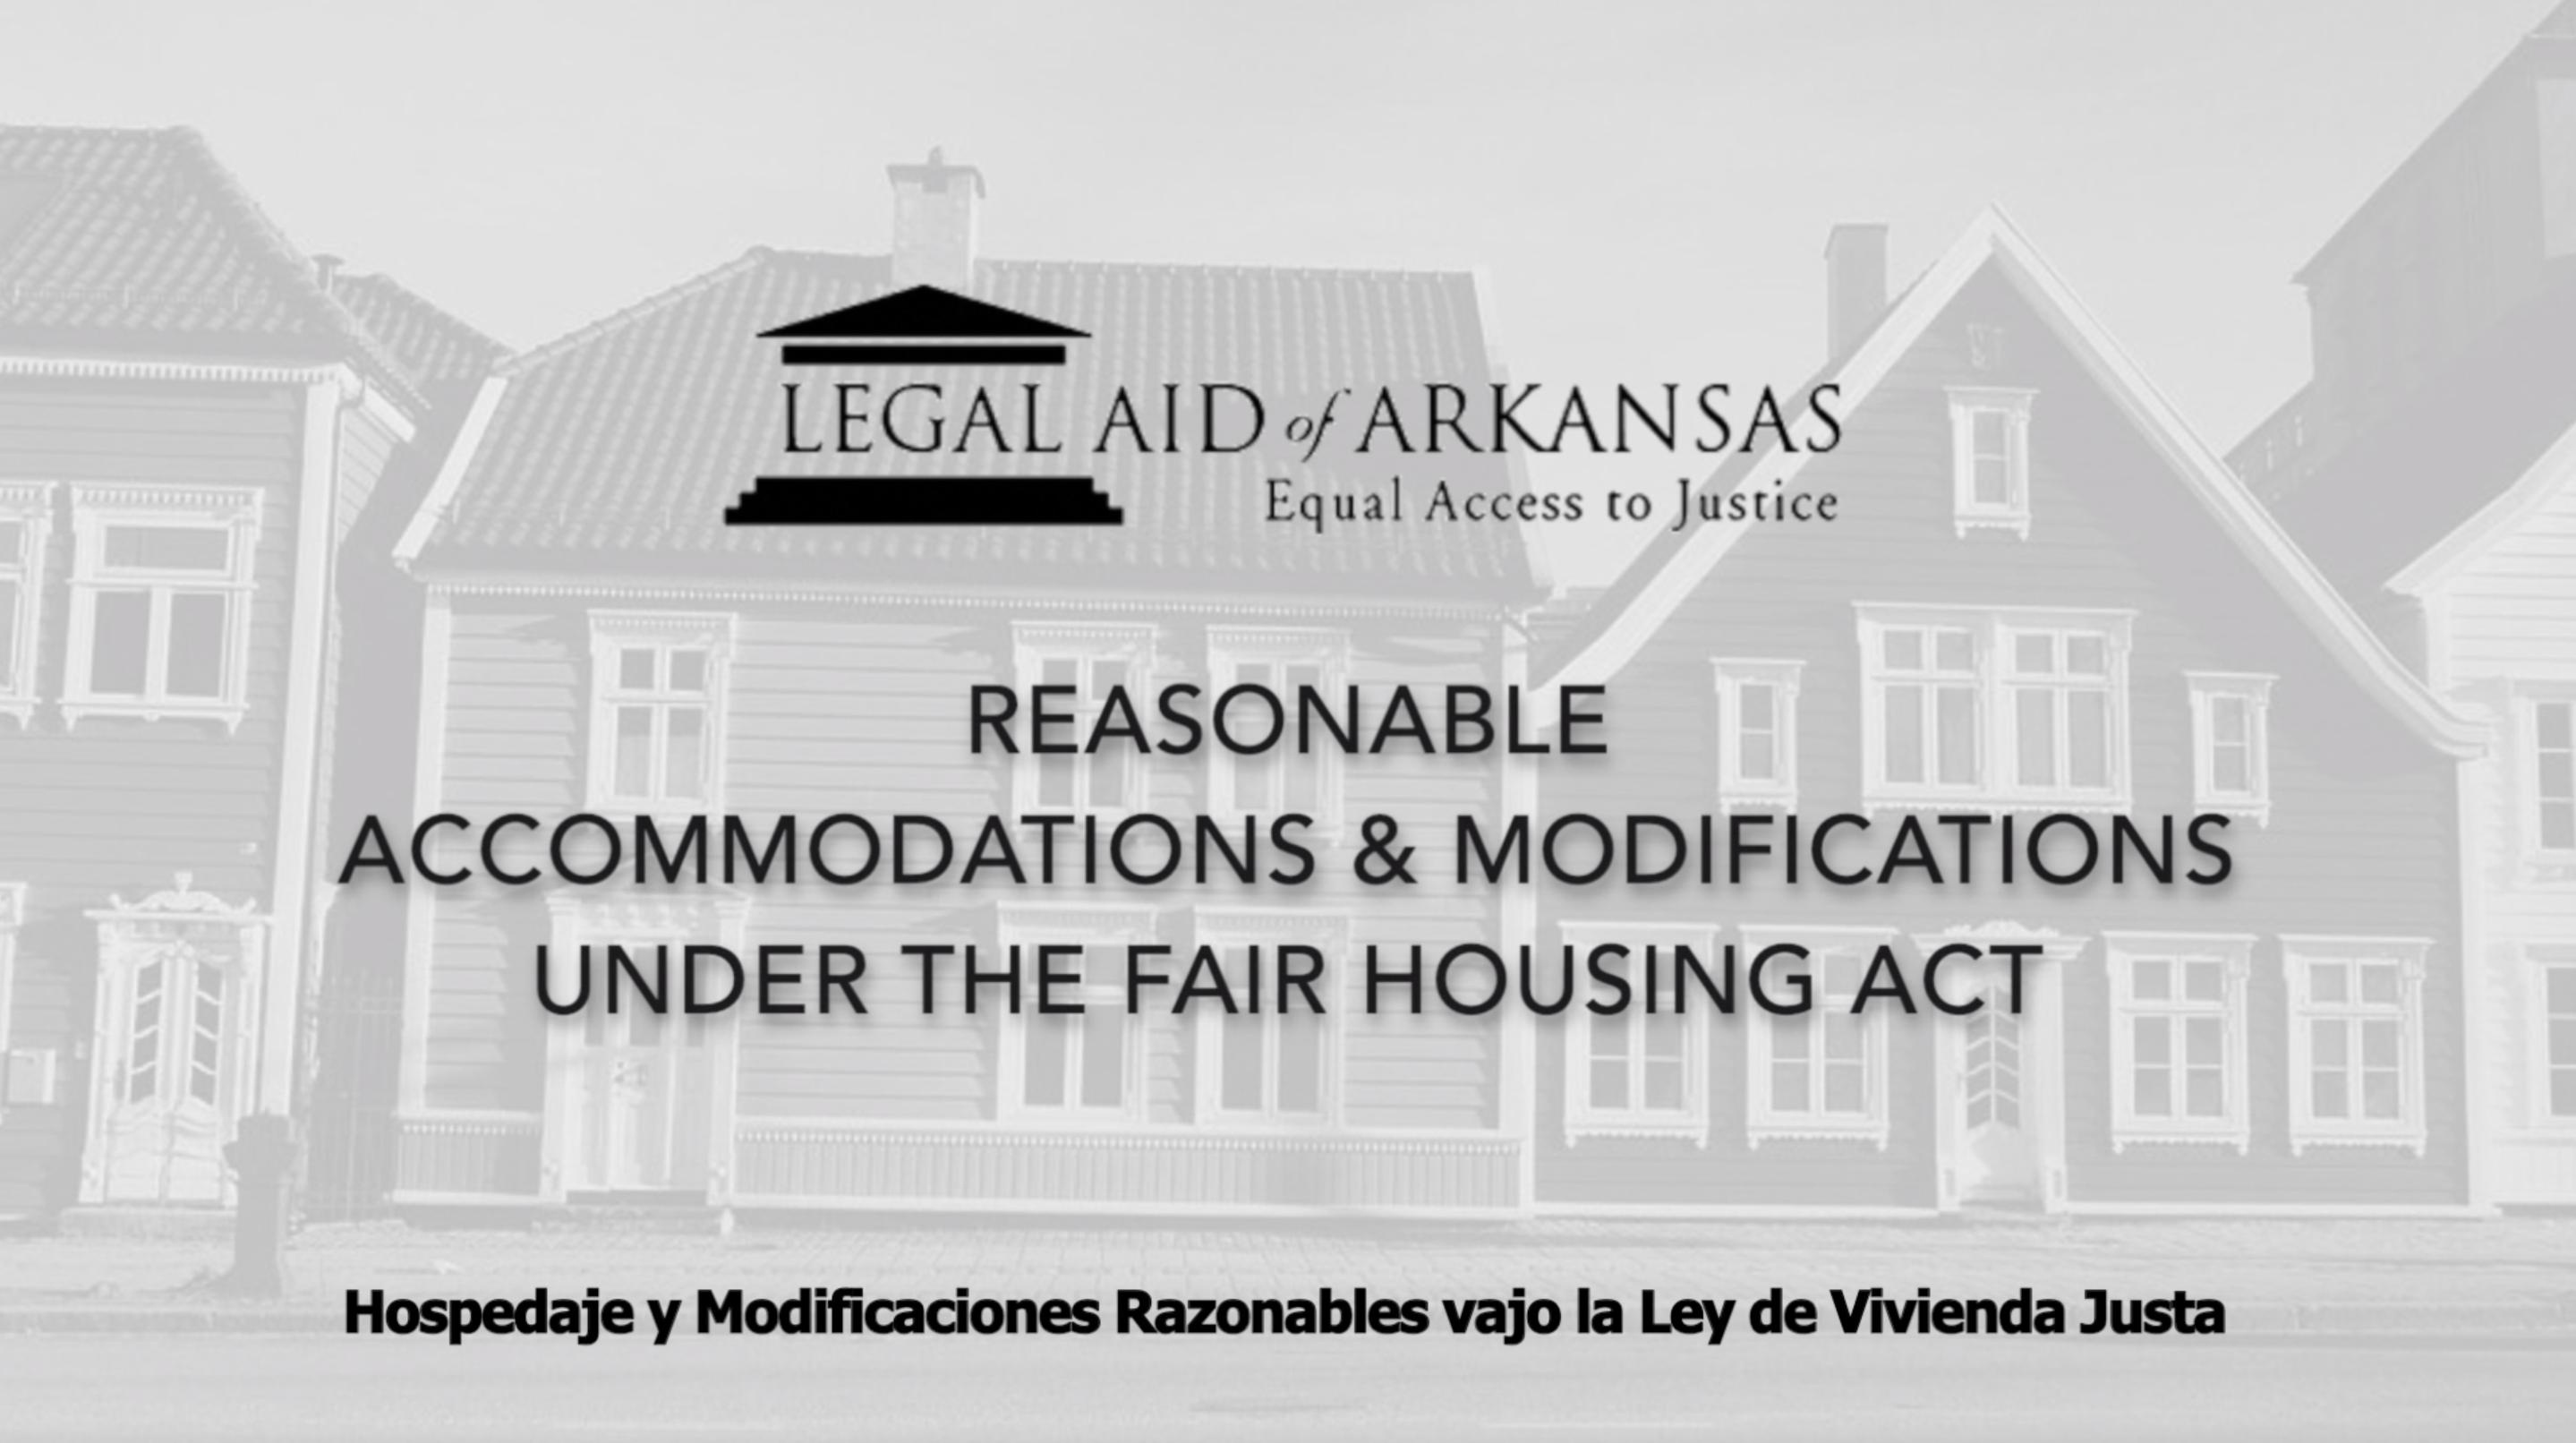 VIDEO - Hospedaje y Modificacioes Razonables bajo la Ley de Vivienda Justa